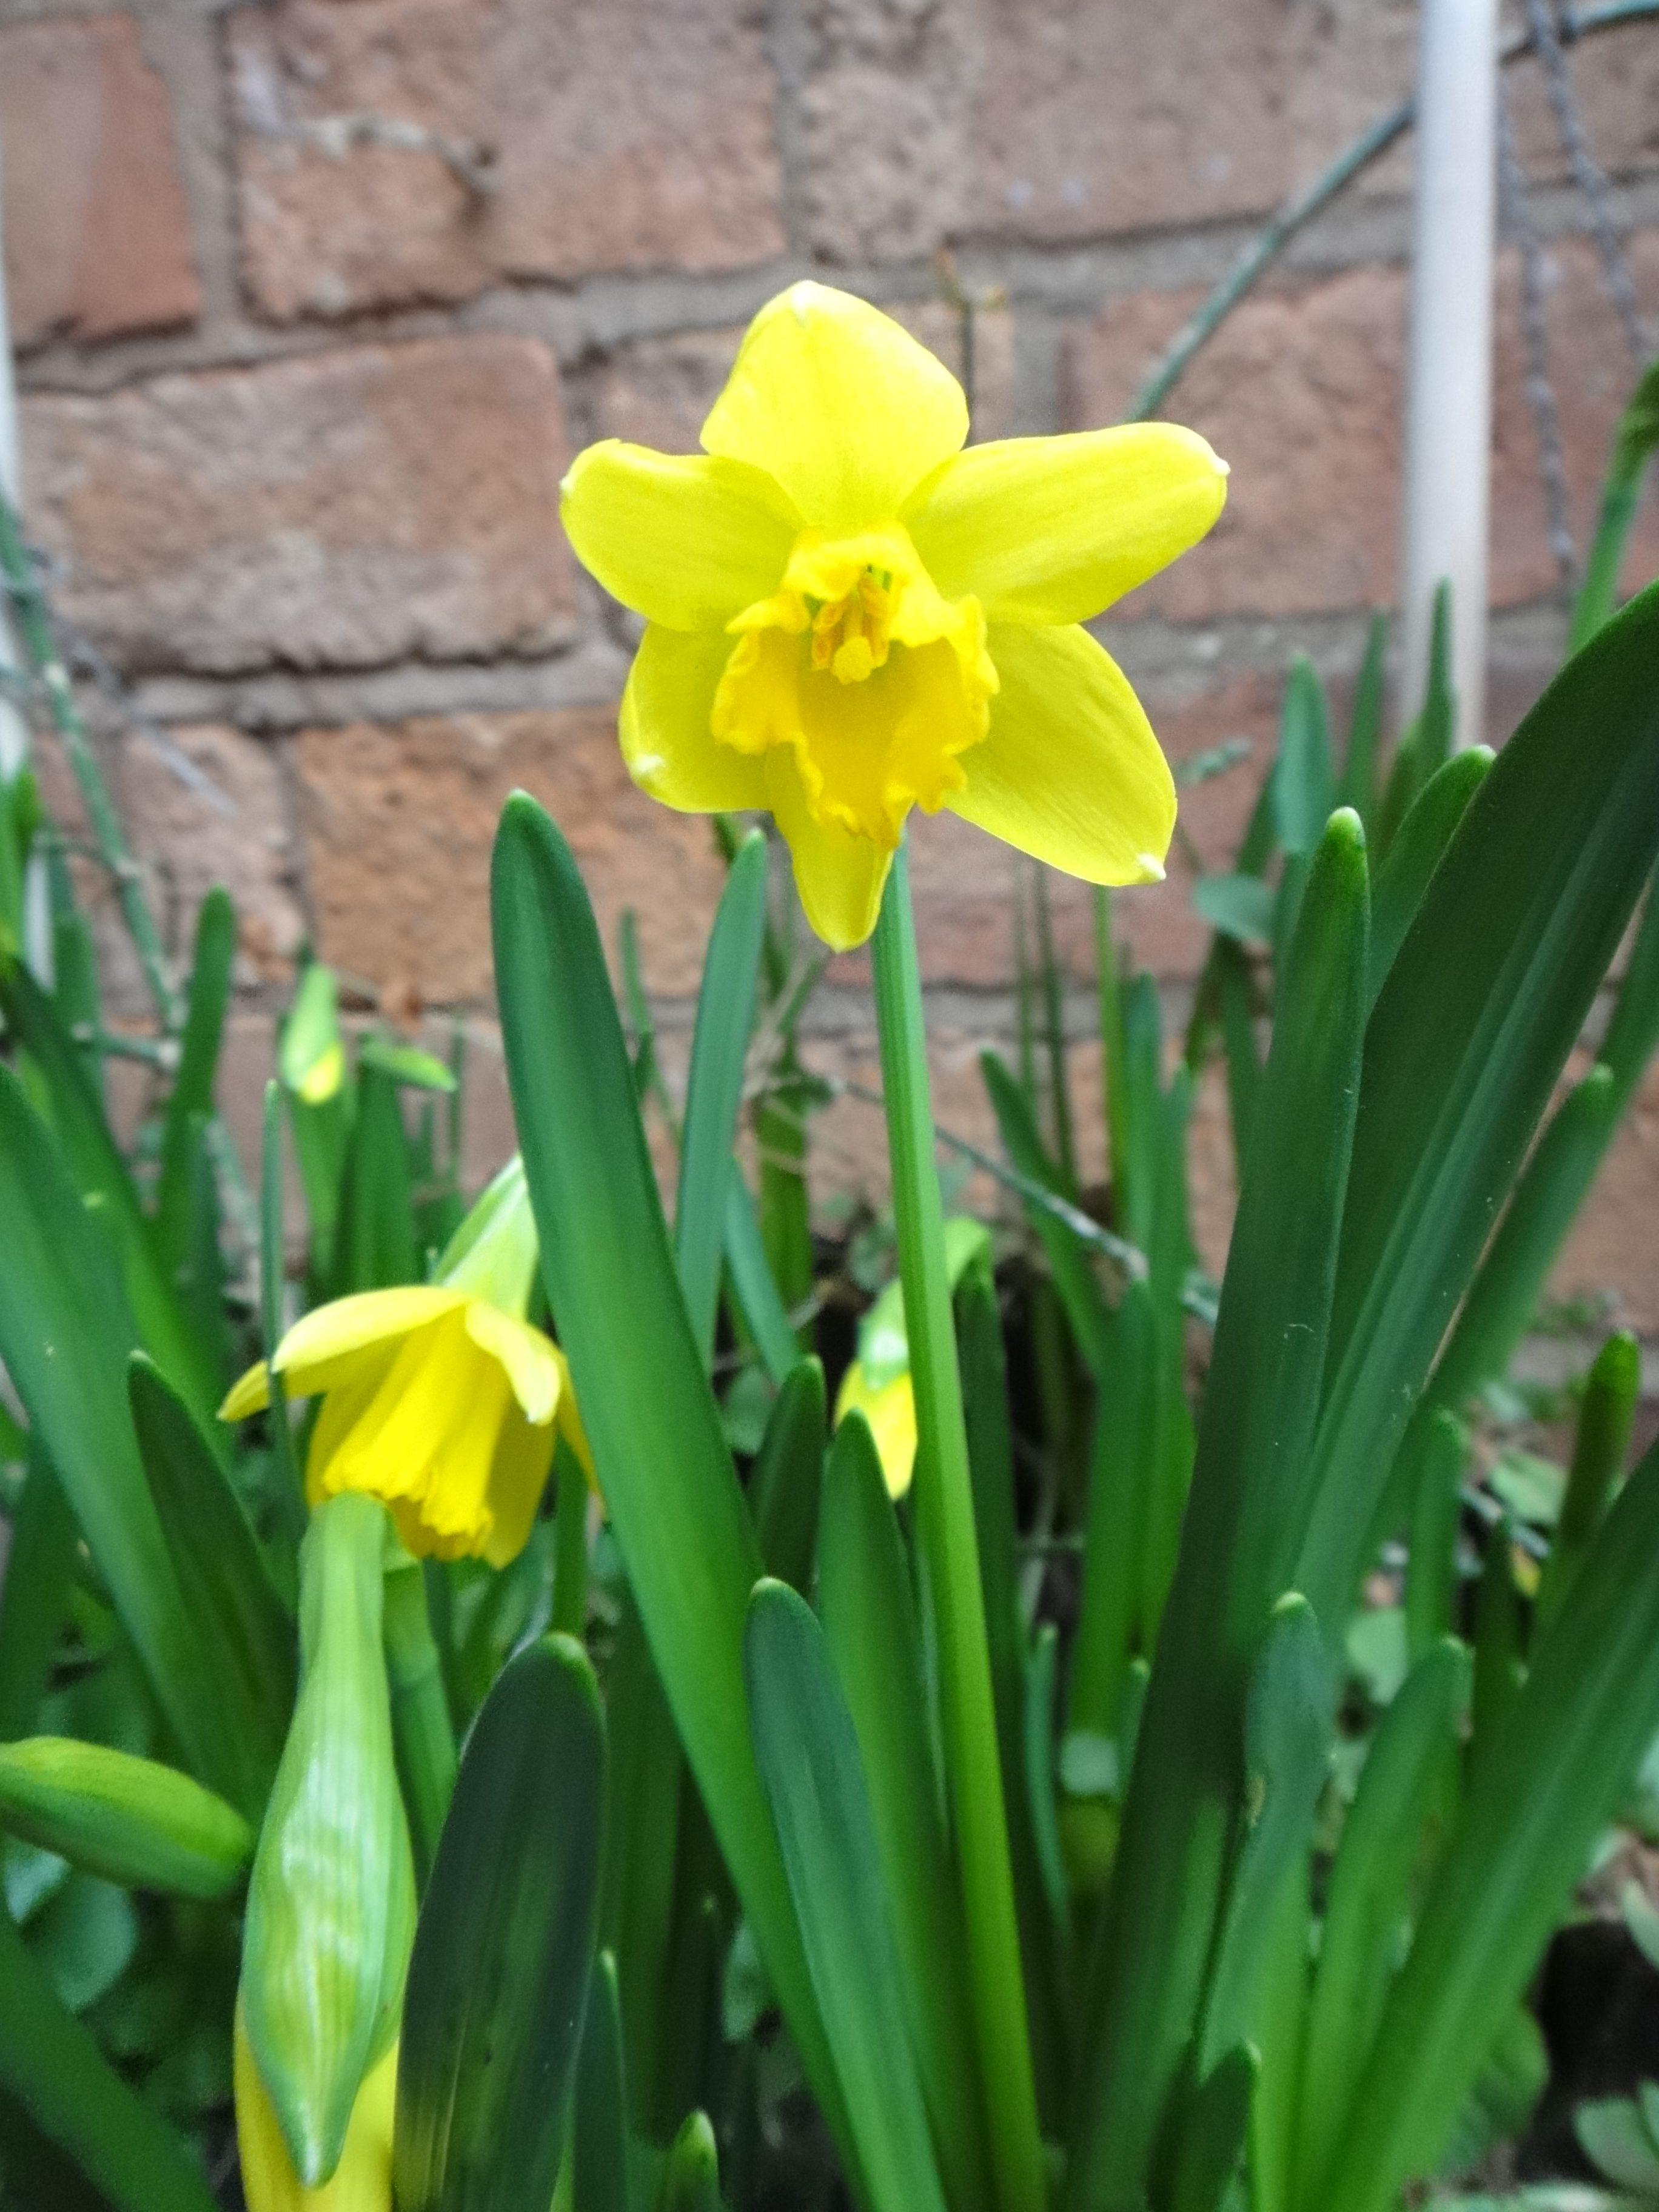 daffodil in medium close-up